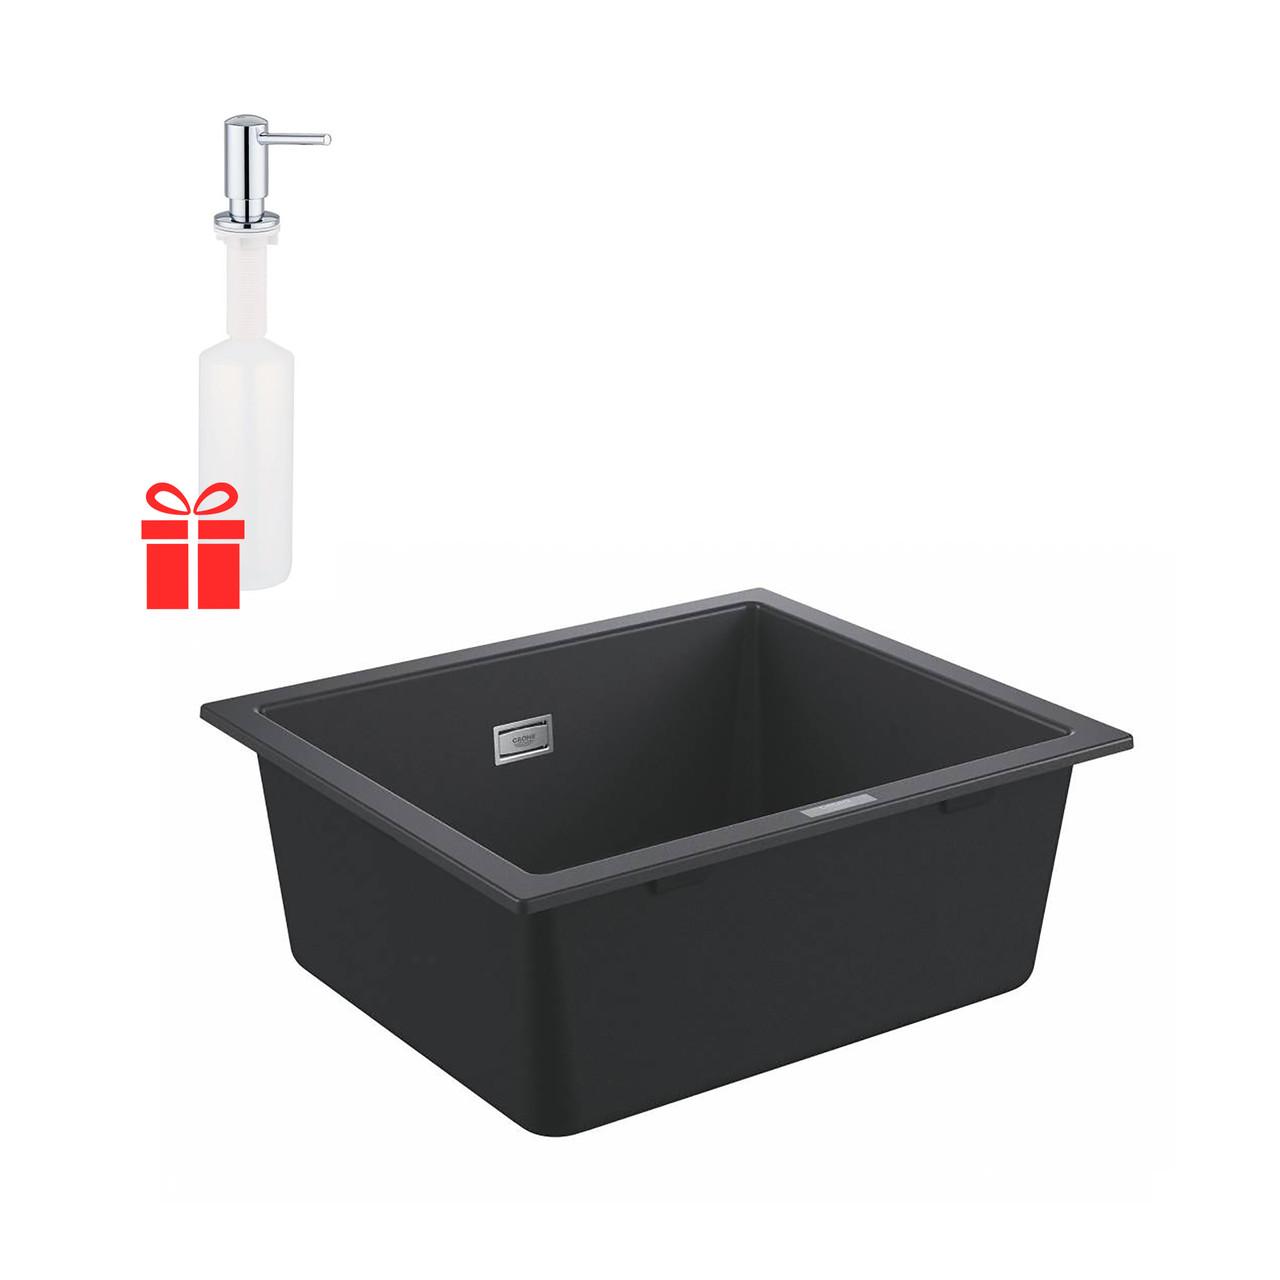 Набір Grohe мийка кухонна K700 31654AP0 + дозатор для миючого засобу Contemporary 40536000